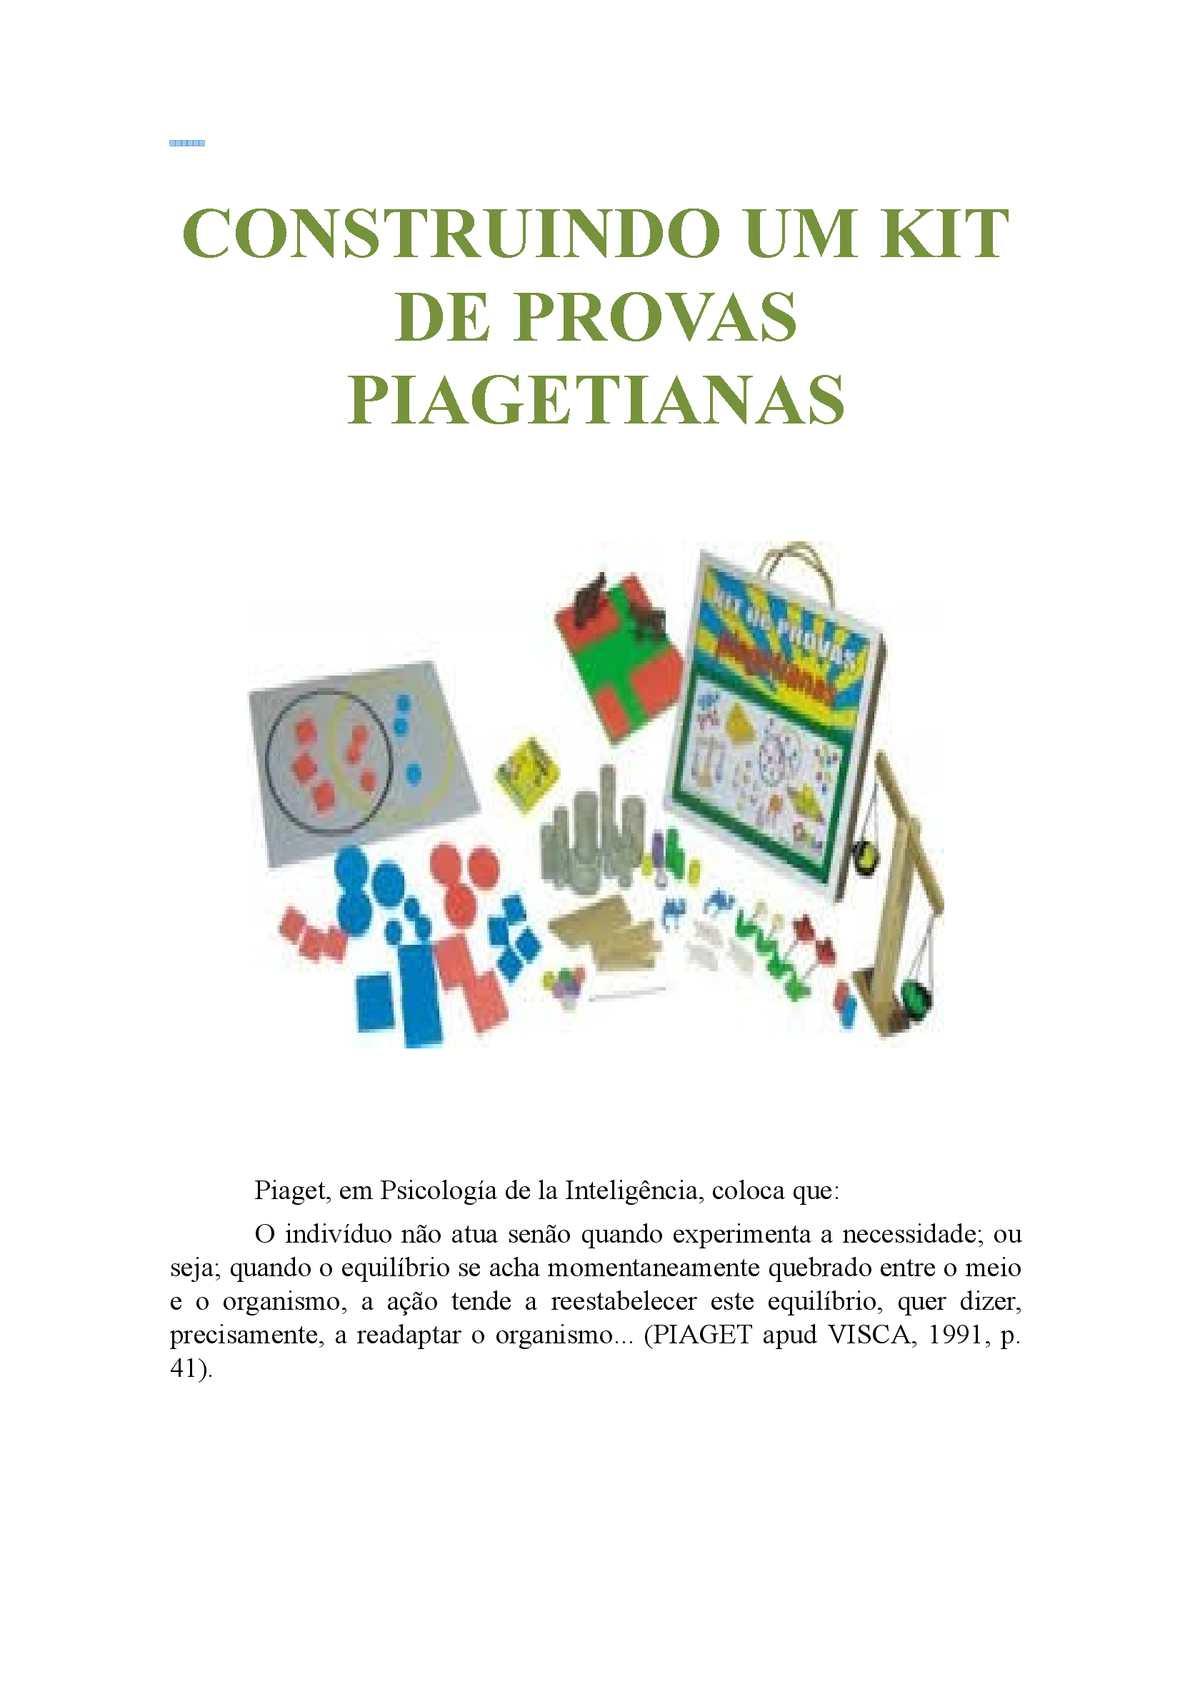 54bc21ecef4 Calaméo - Construindo um kit de provas piagetianas